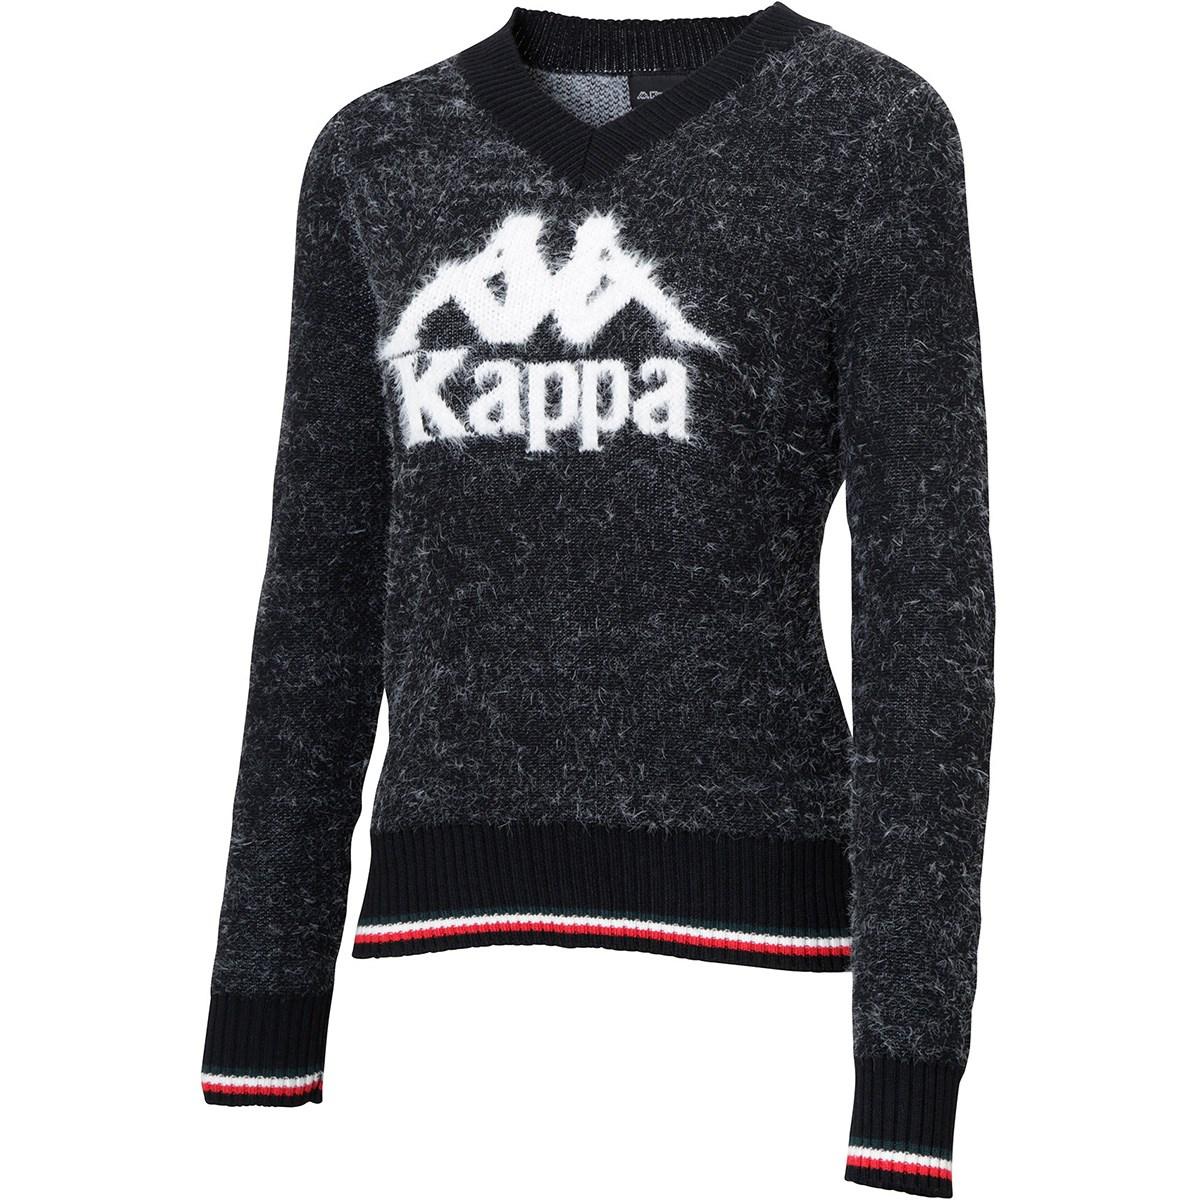 カッパ Kappa Kappa GOLF BIGオミニVネックセーター M ブラック レディス